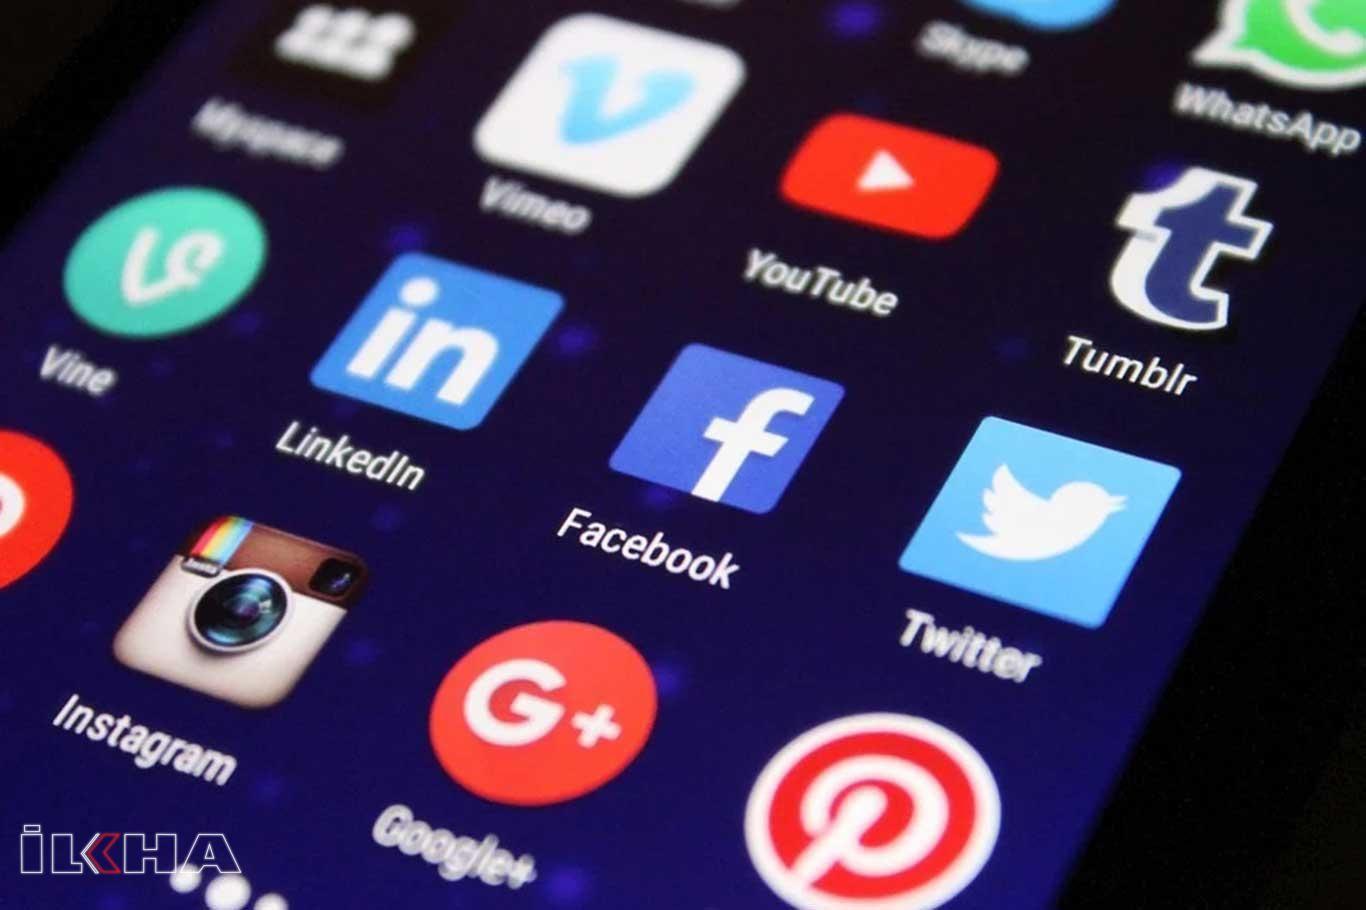 Sosyal medyada yapılan hakaret içerikli paylaşımları önlemek için yasal düzenleme şart